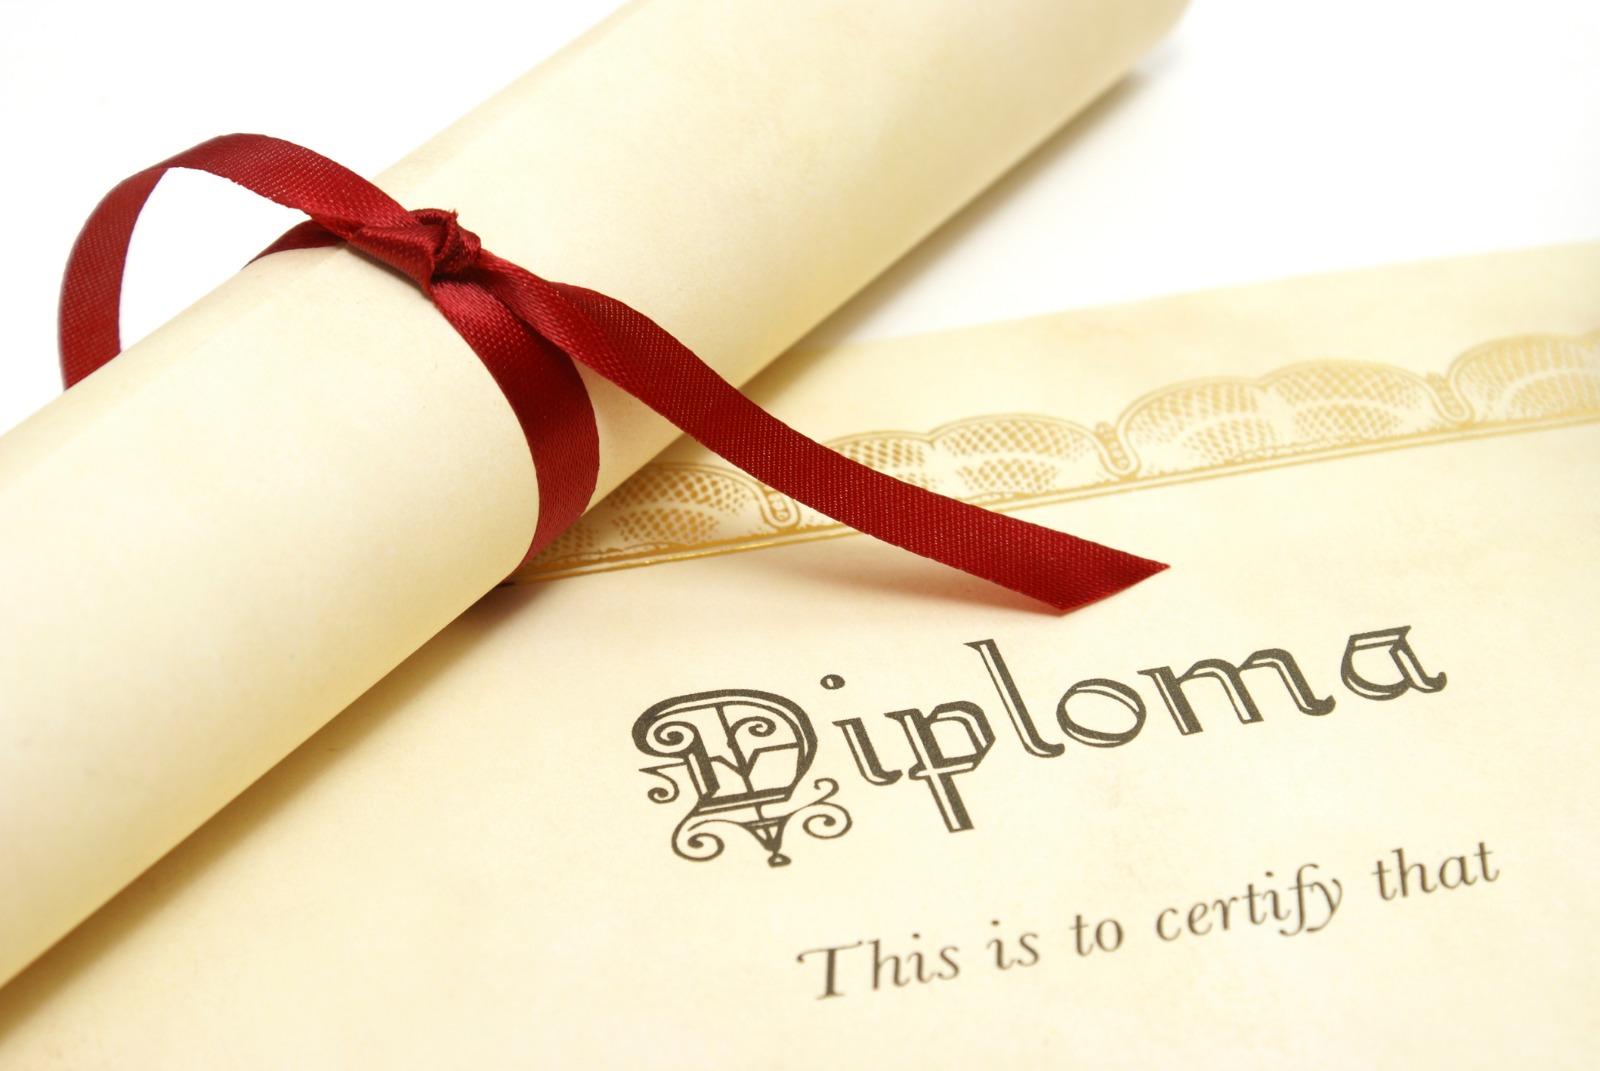 Xarici universitet diplomlarının tanınmasında kimlərə xüsusi güzəştlər edilir?